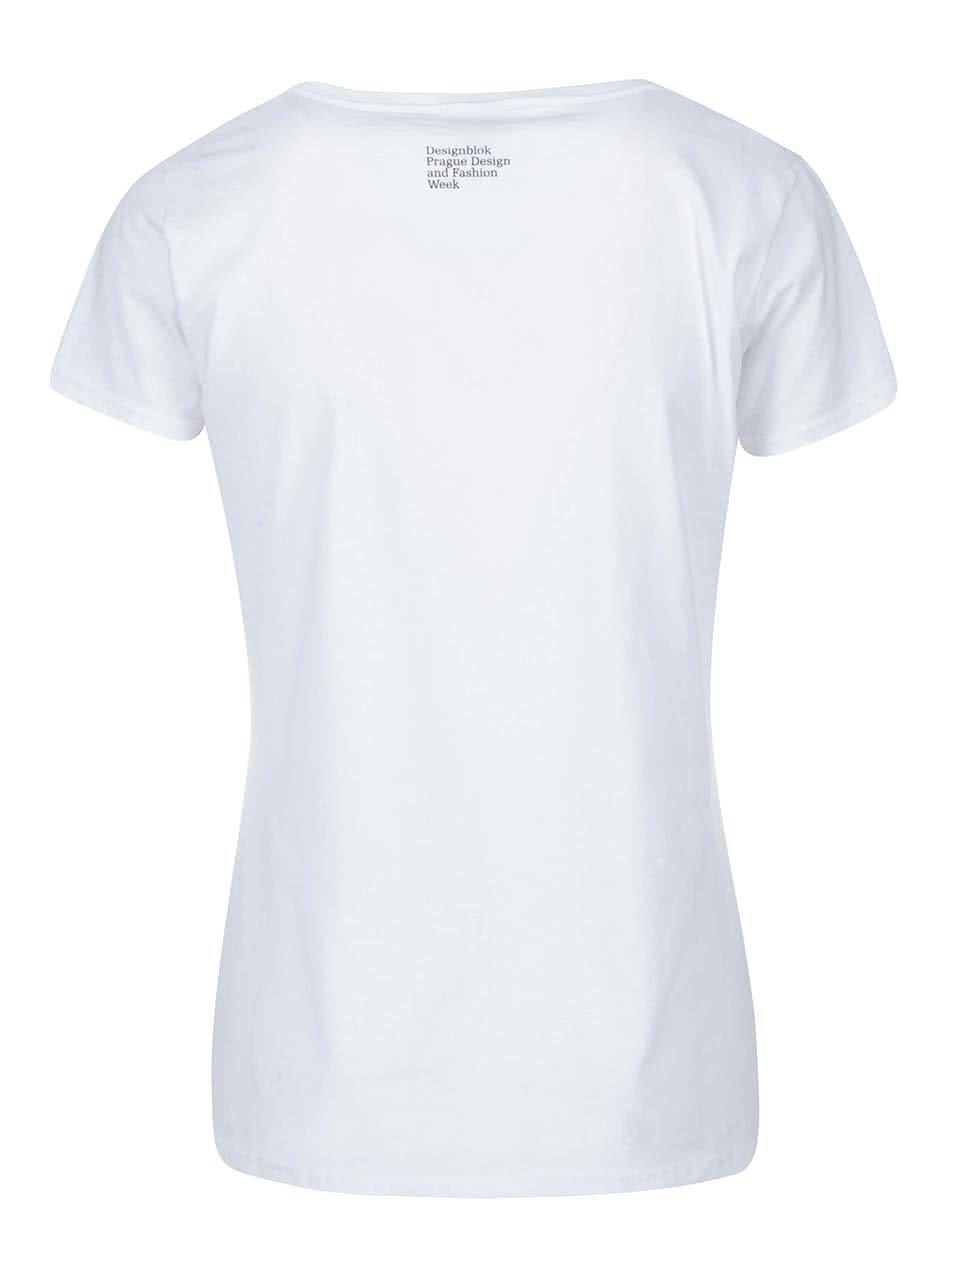 9287b28ea90b Biele dámske tričko s kozou Designblok ...